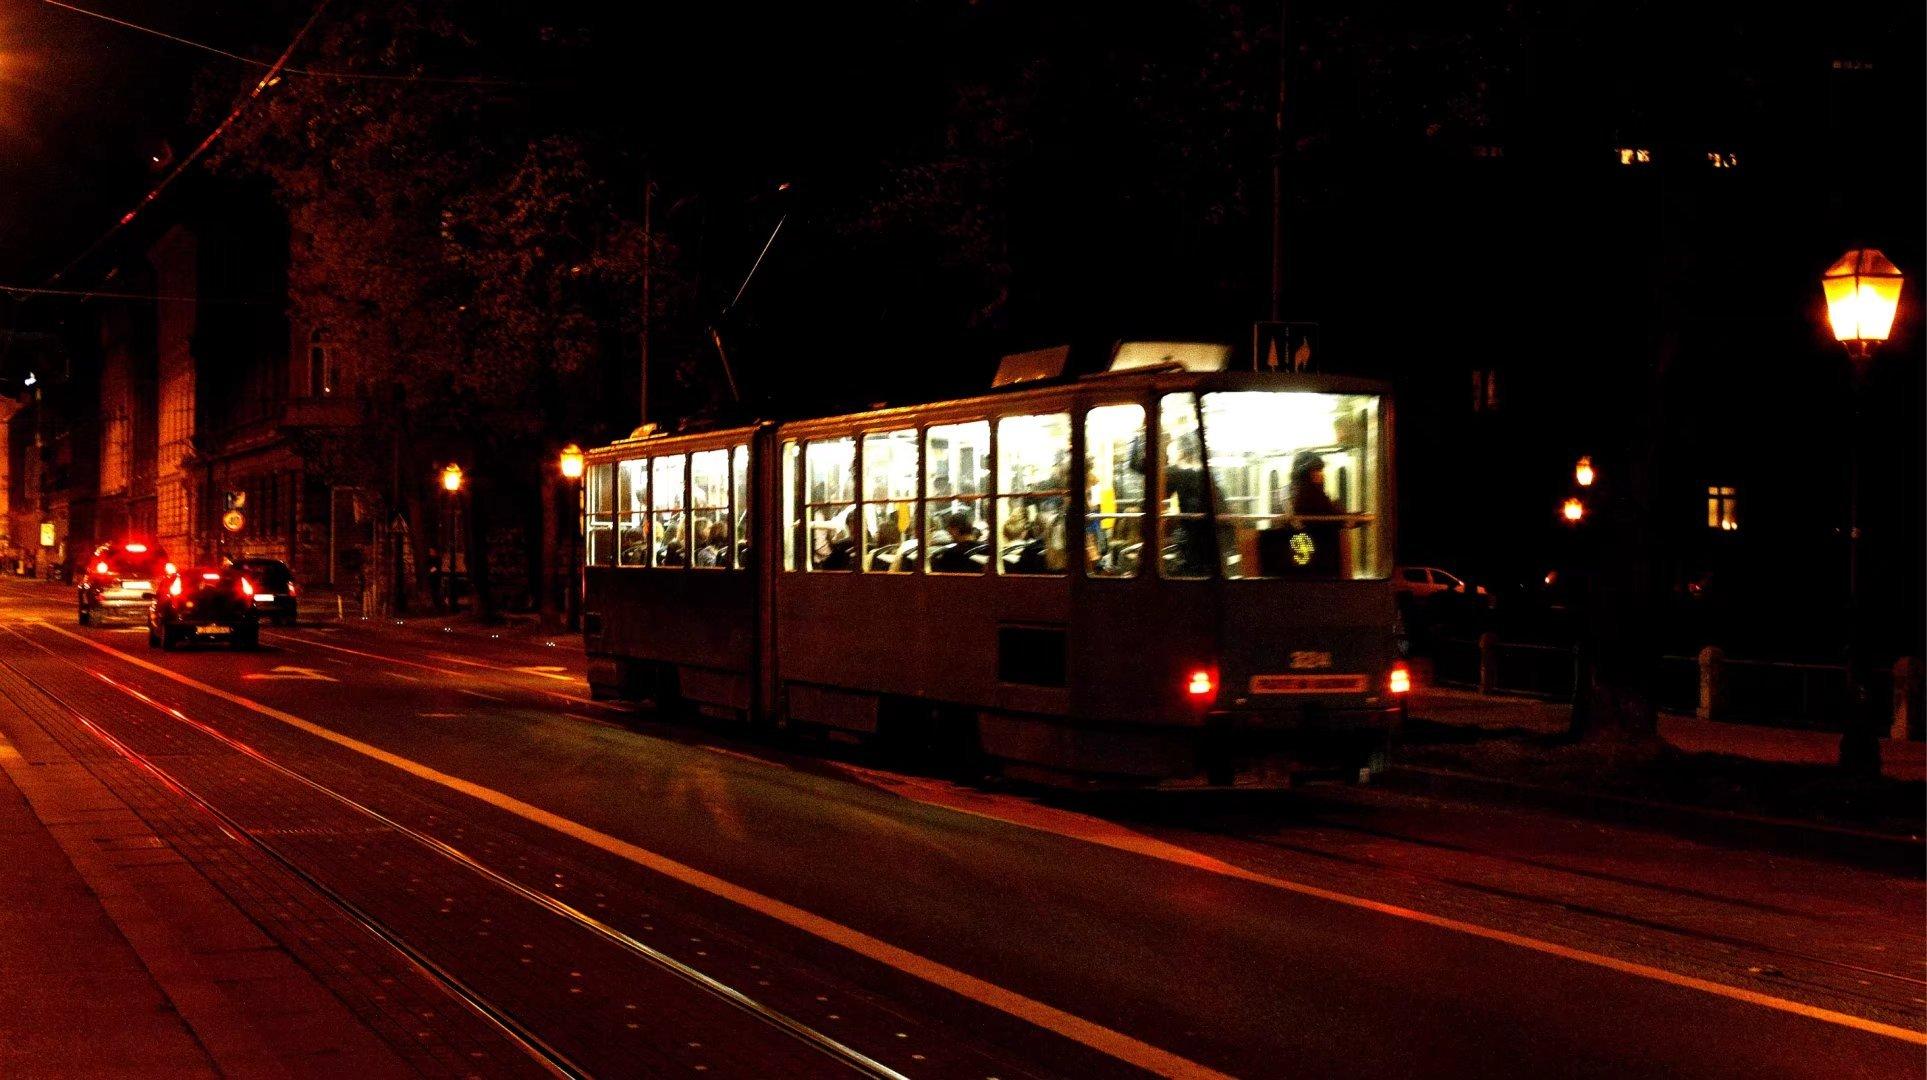 萨格勒布老城演绎着克罗地亚的人文情怀